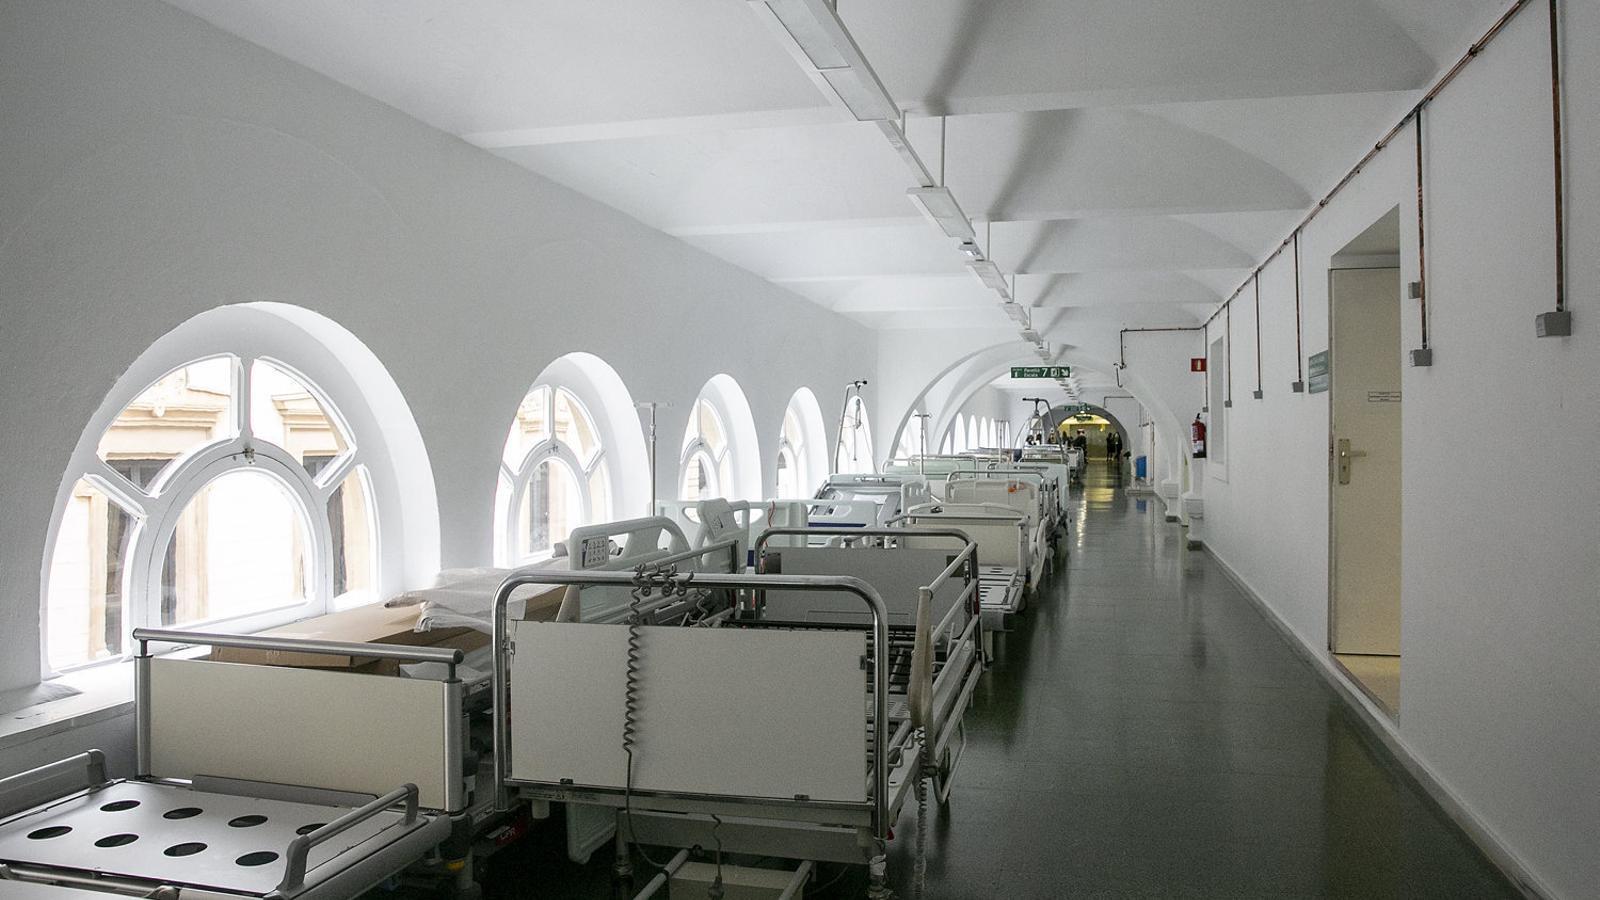 L'edifici actual de l'Hospital Clínic a l'Eixample de Barcelona. Les instal·lacions fa anys que han quedat petites i obsoletes.